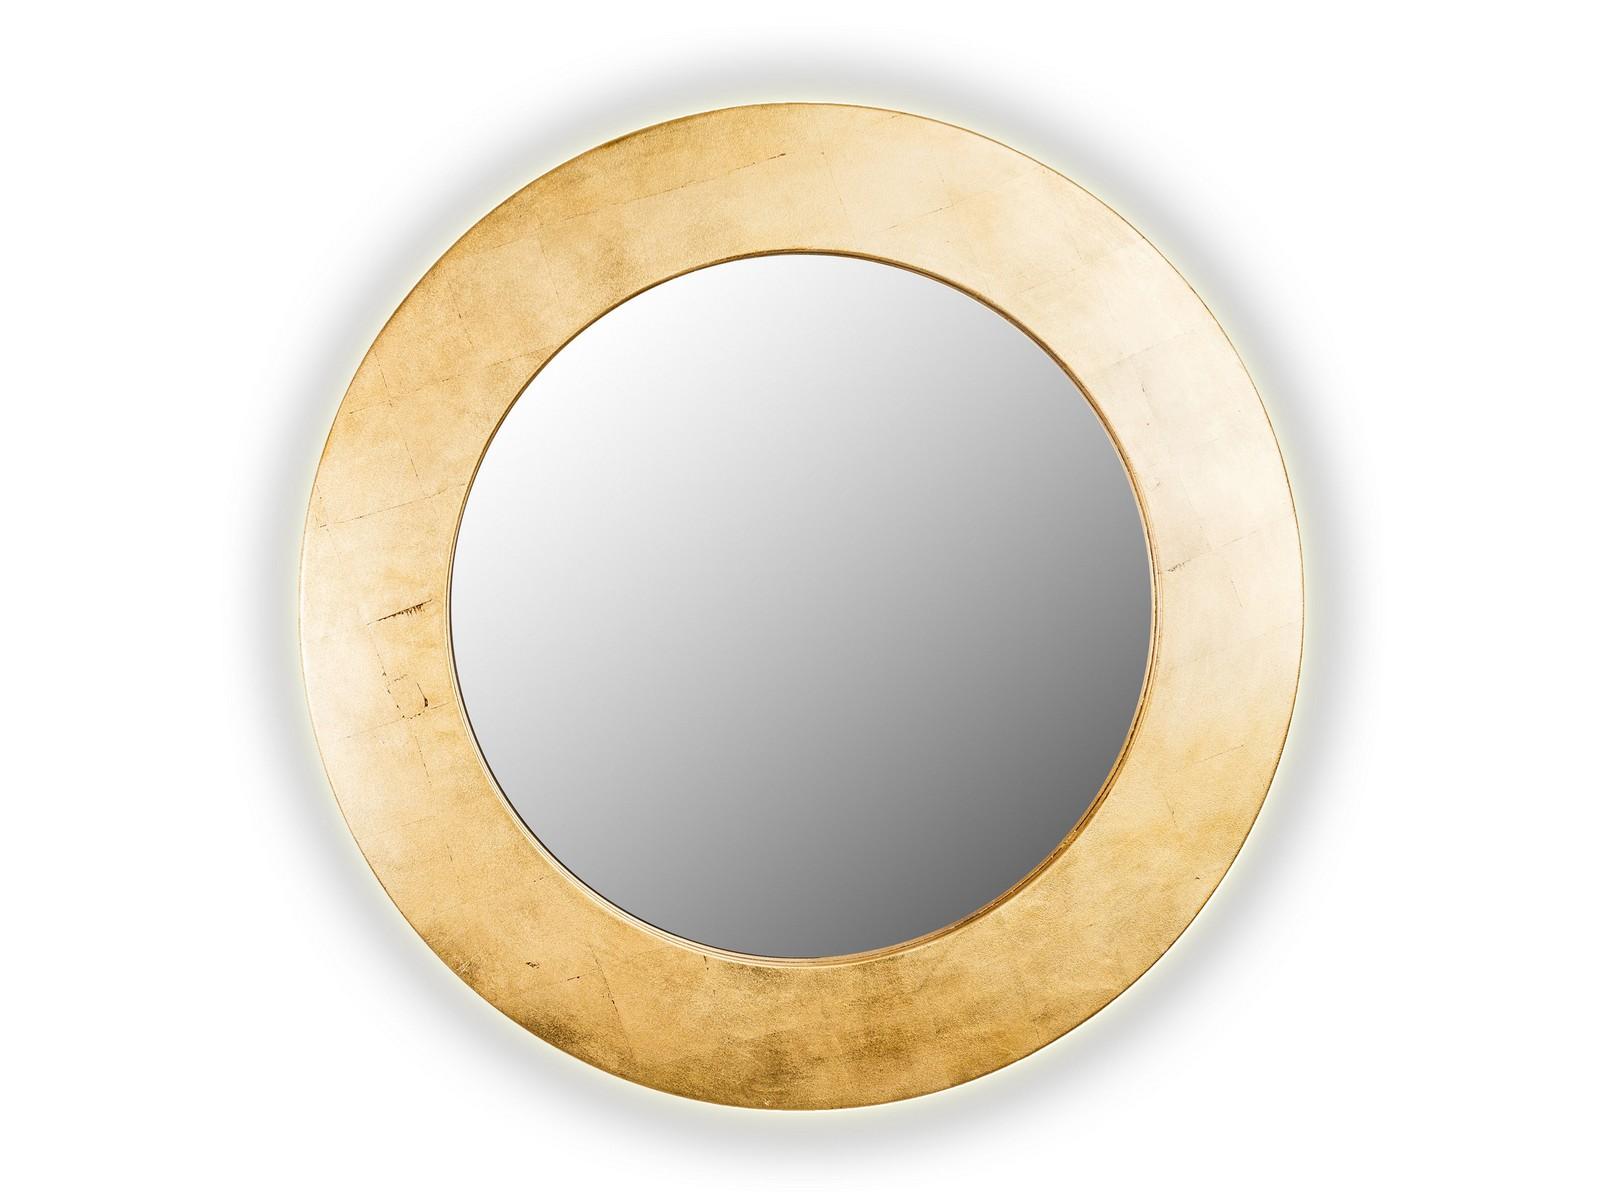 Зеркало PIECESНастенные зеркала<br>Данный вариант представлен в золотом цвете.<br><br>Material: Дерево<br>Глубина см: 4